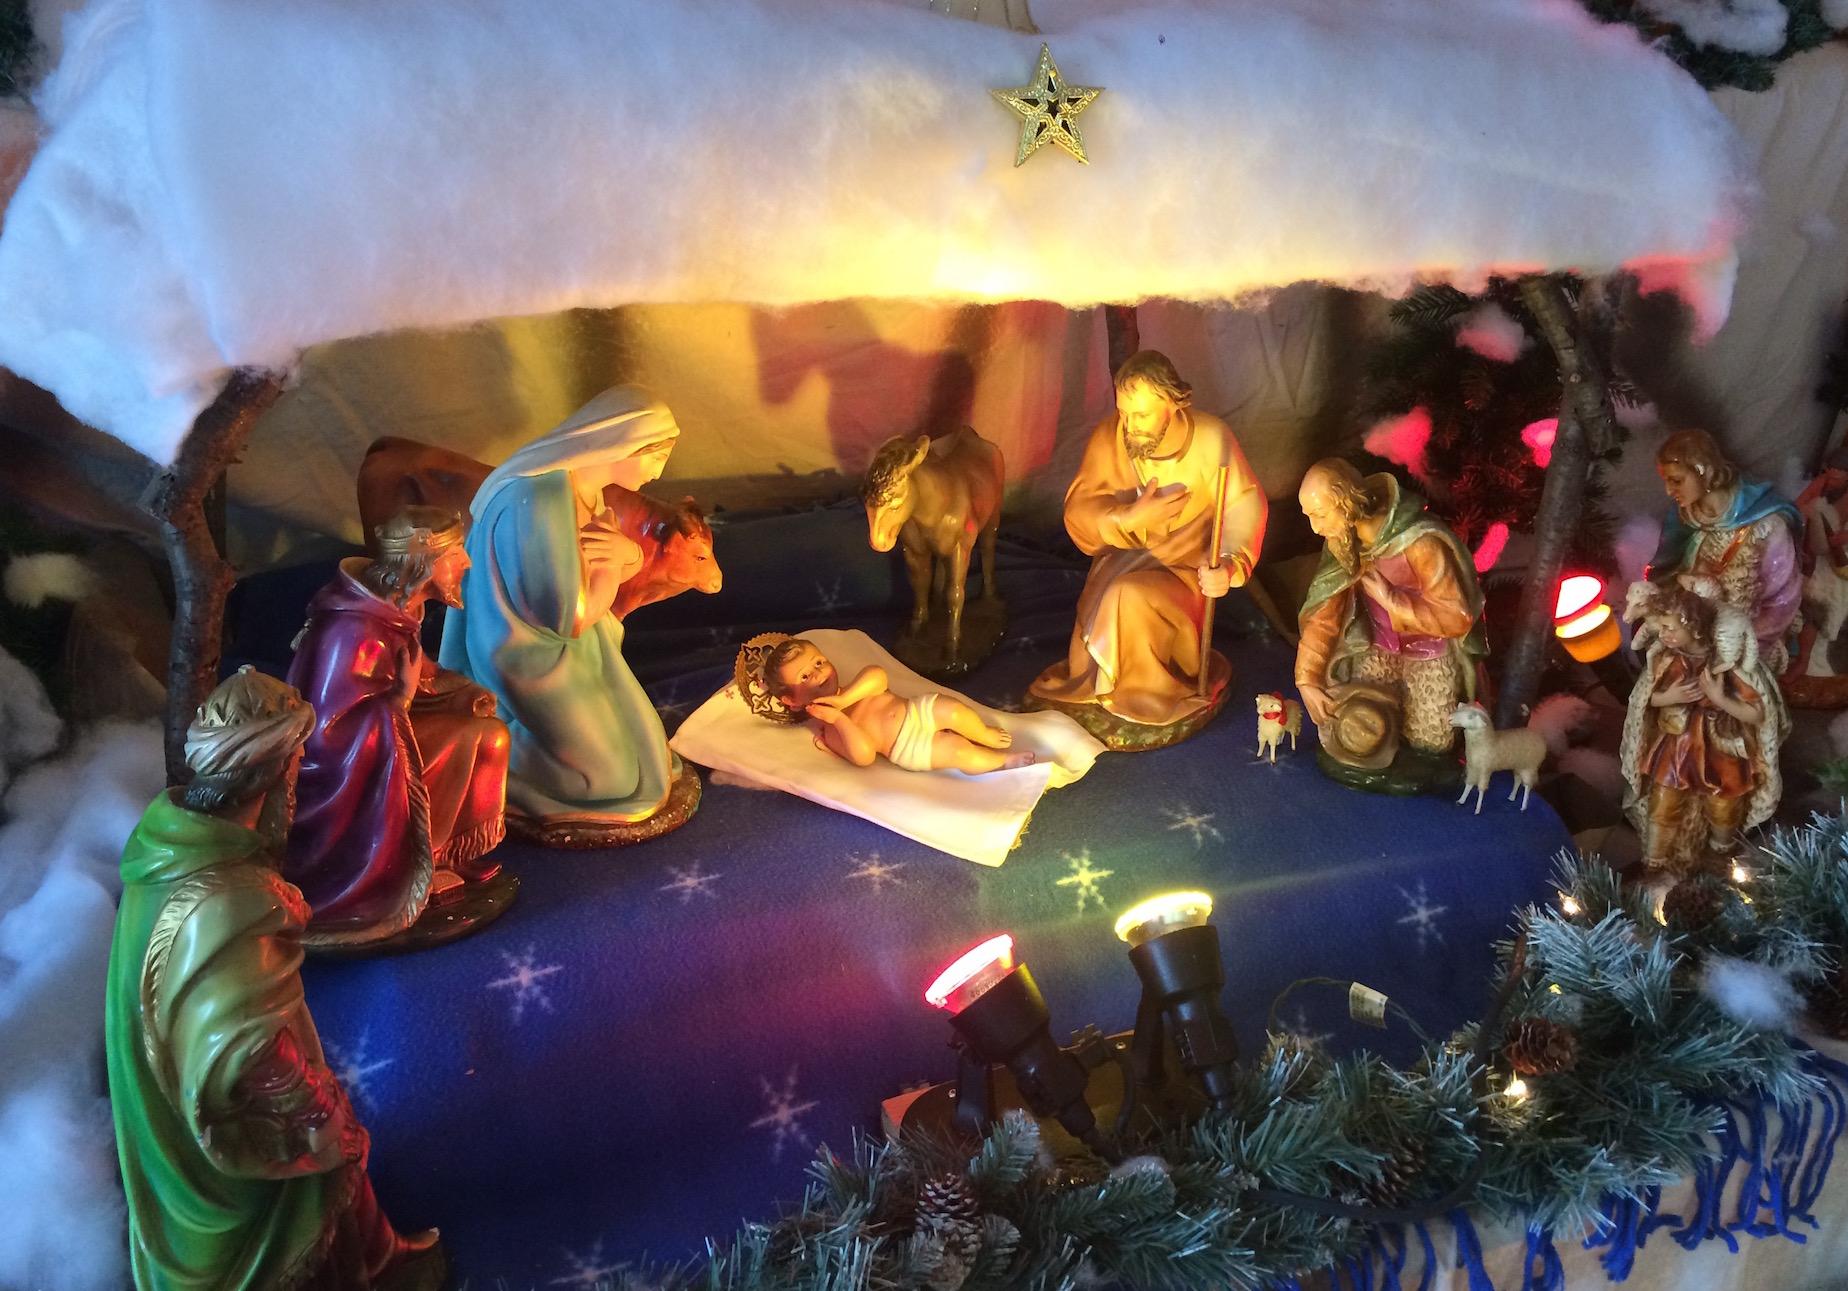 Noël et Jour de L'An: venez célébrer avec nous!